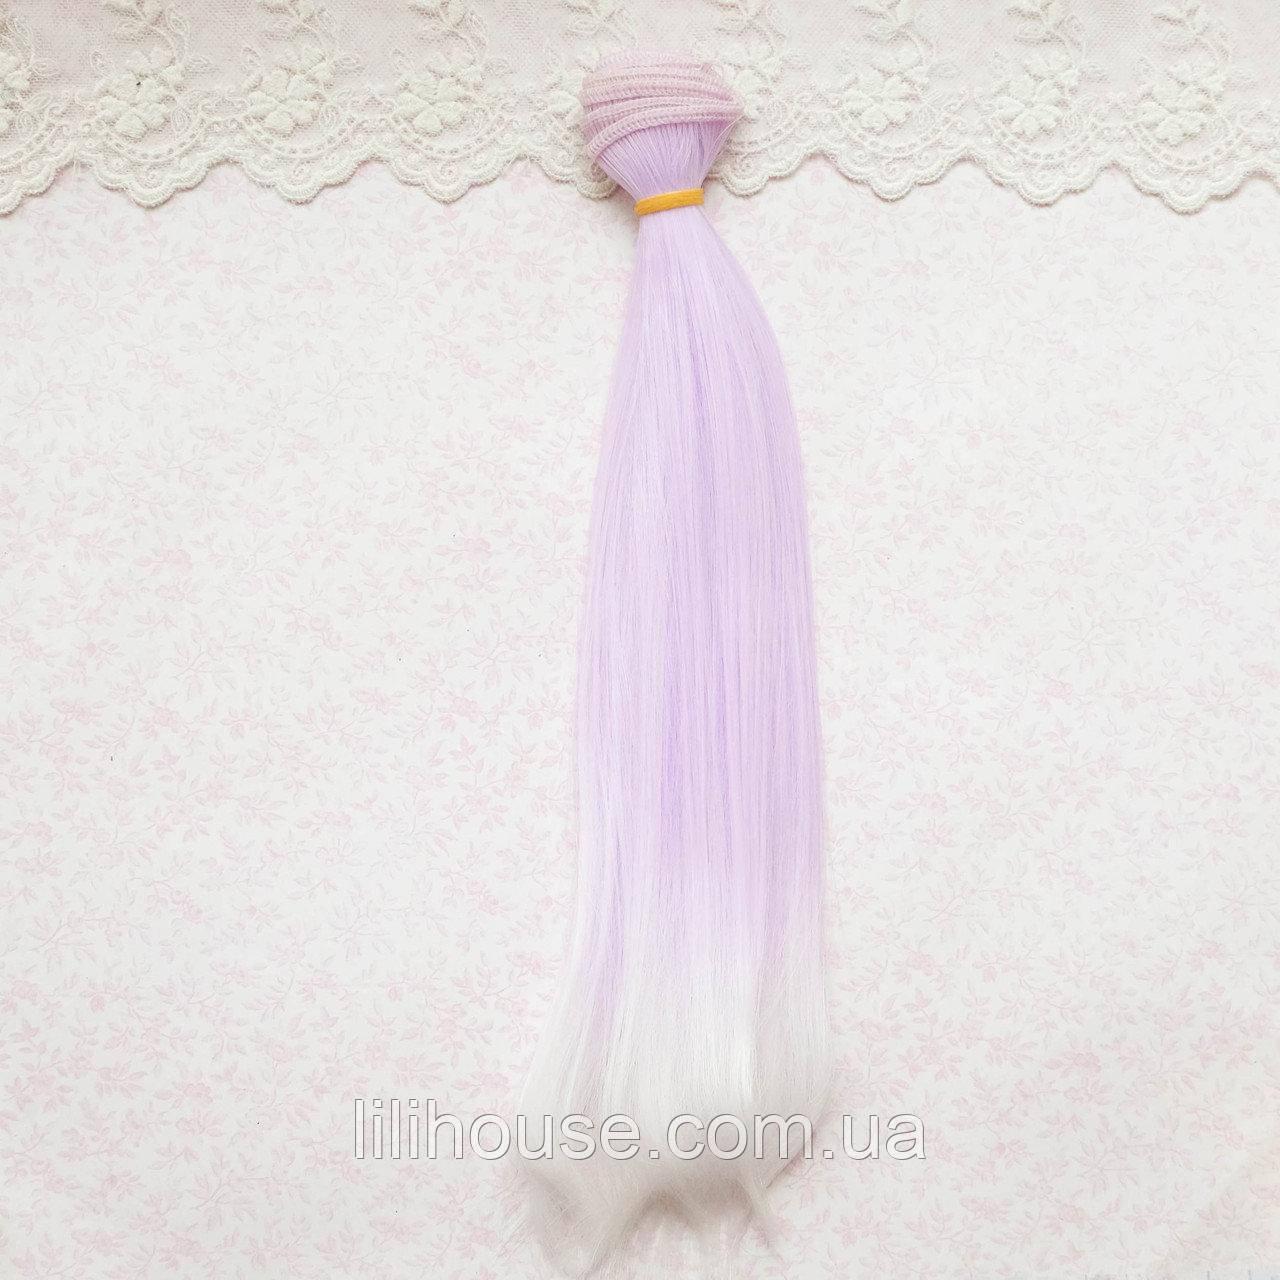 Волосы для Кукол Трессы Прямые Омбре СИРЕНЬ и БЕЛЫЕ 25 см